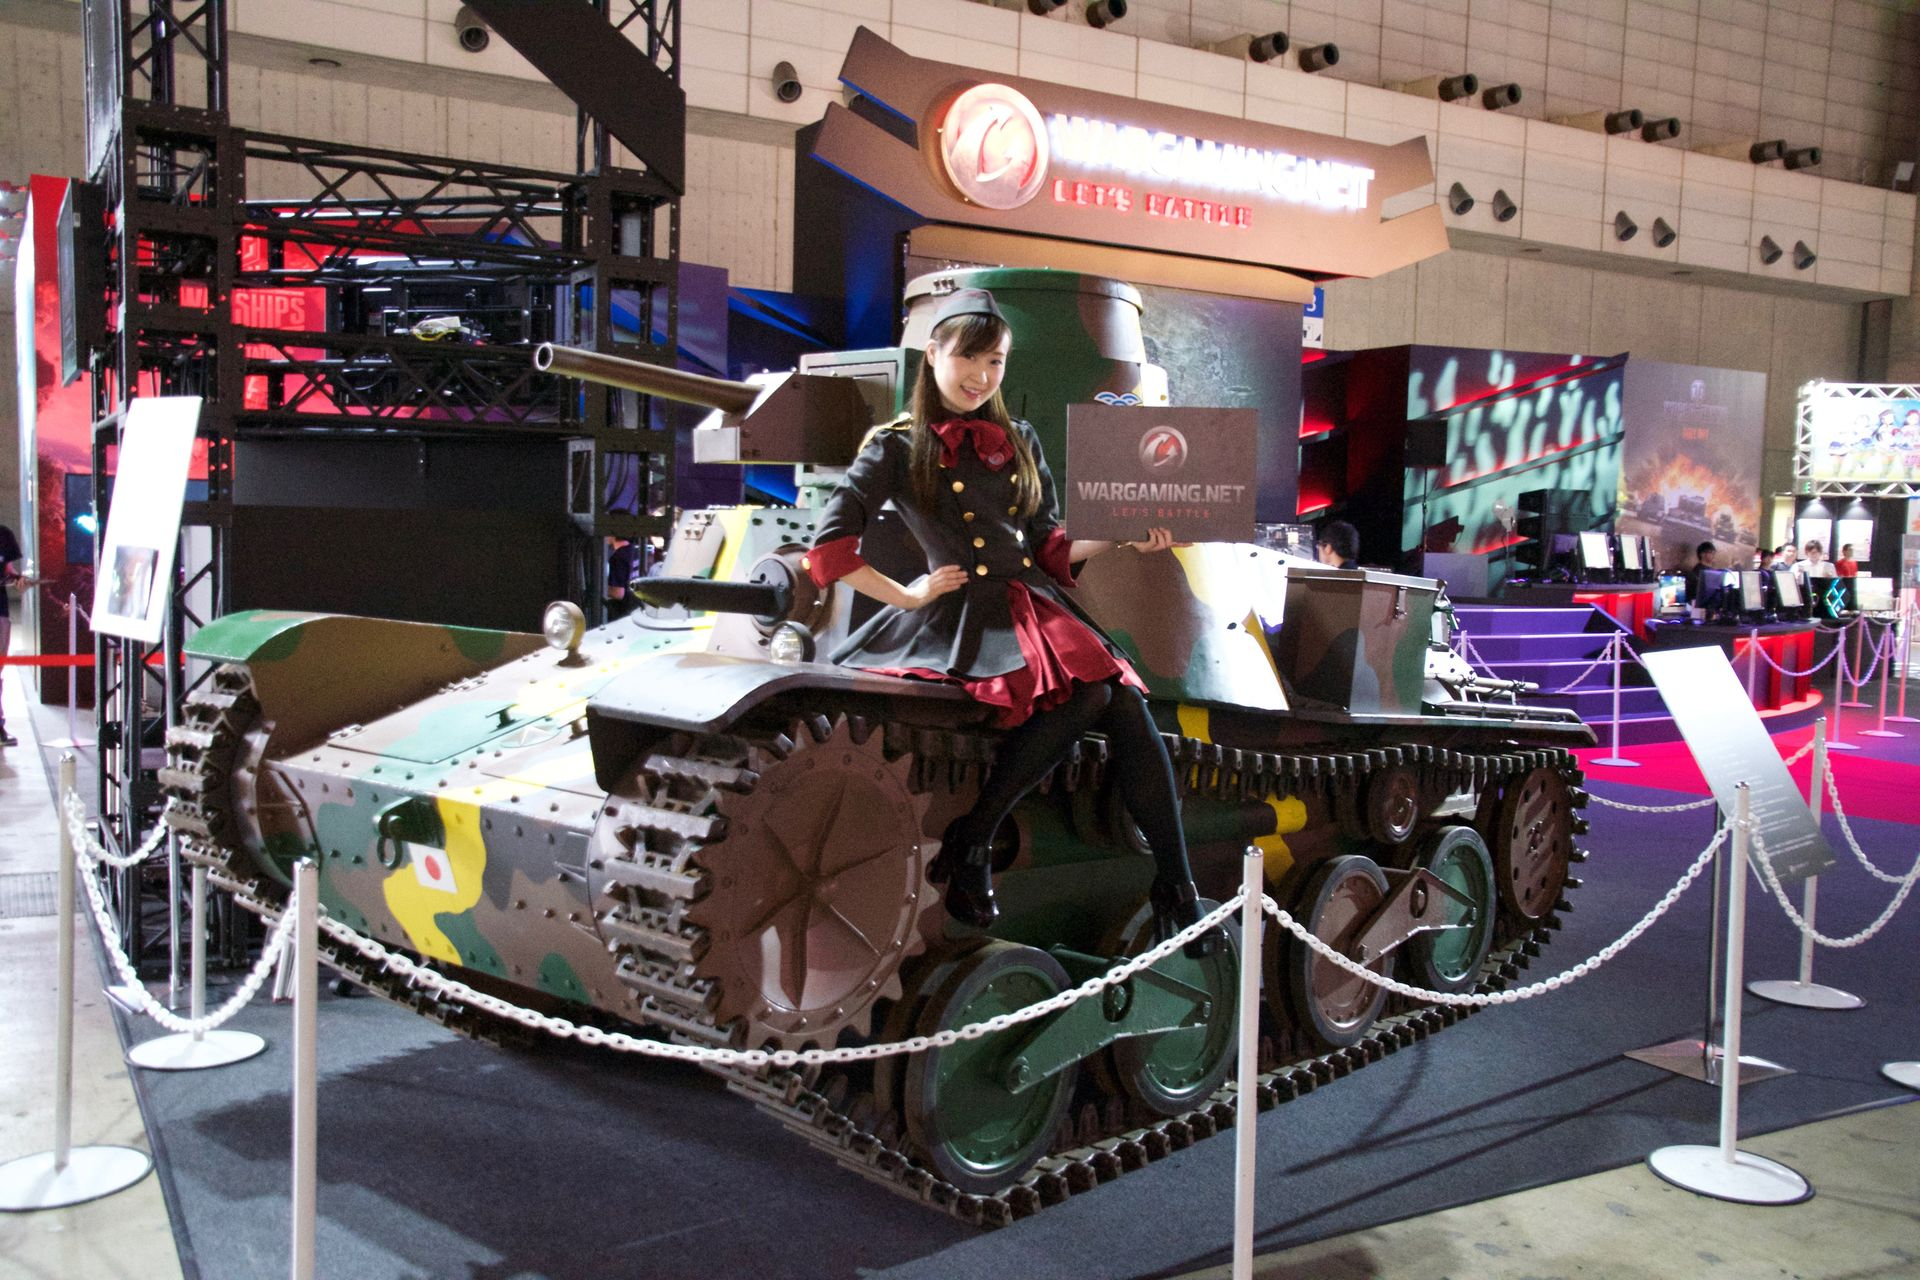 会場には2013年にも展示された実物大の「九五式戦車」が再展示